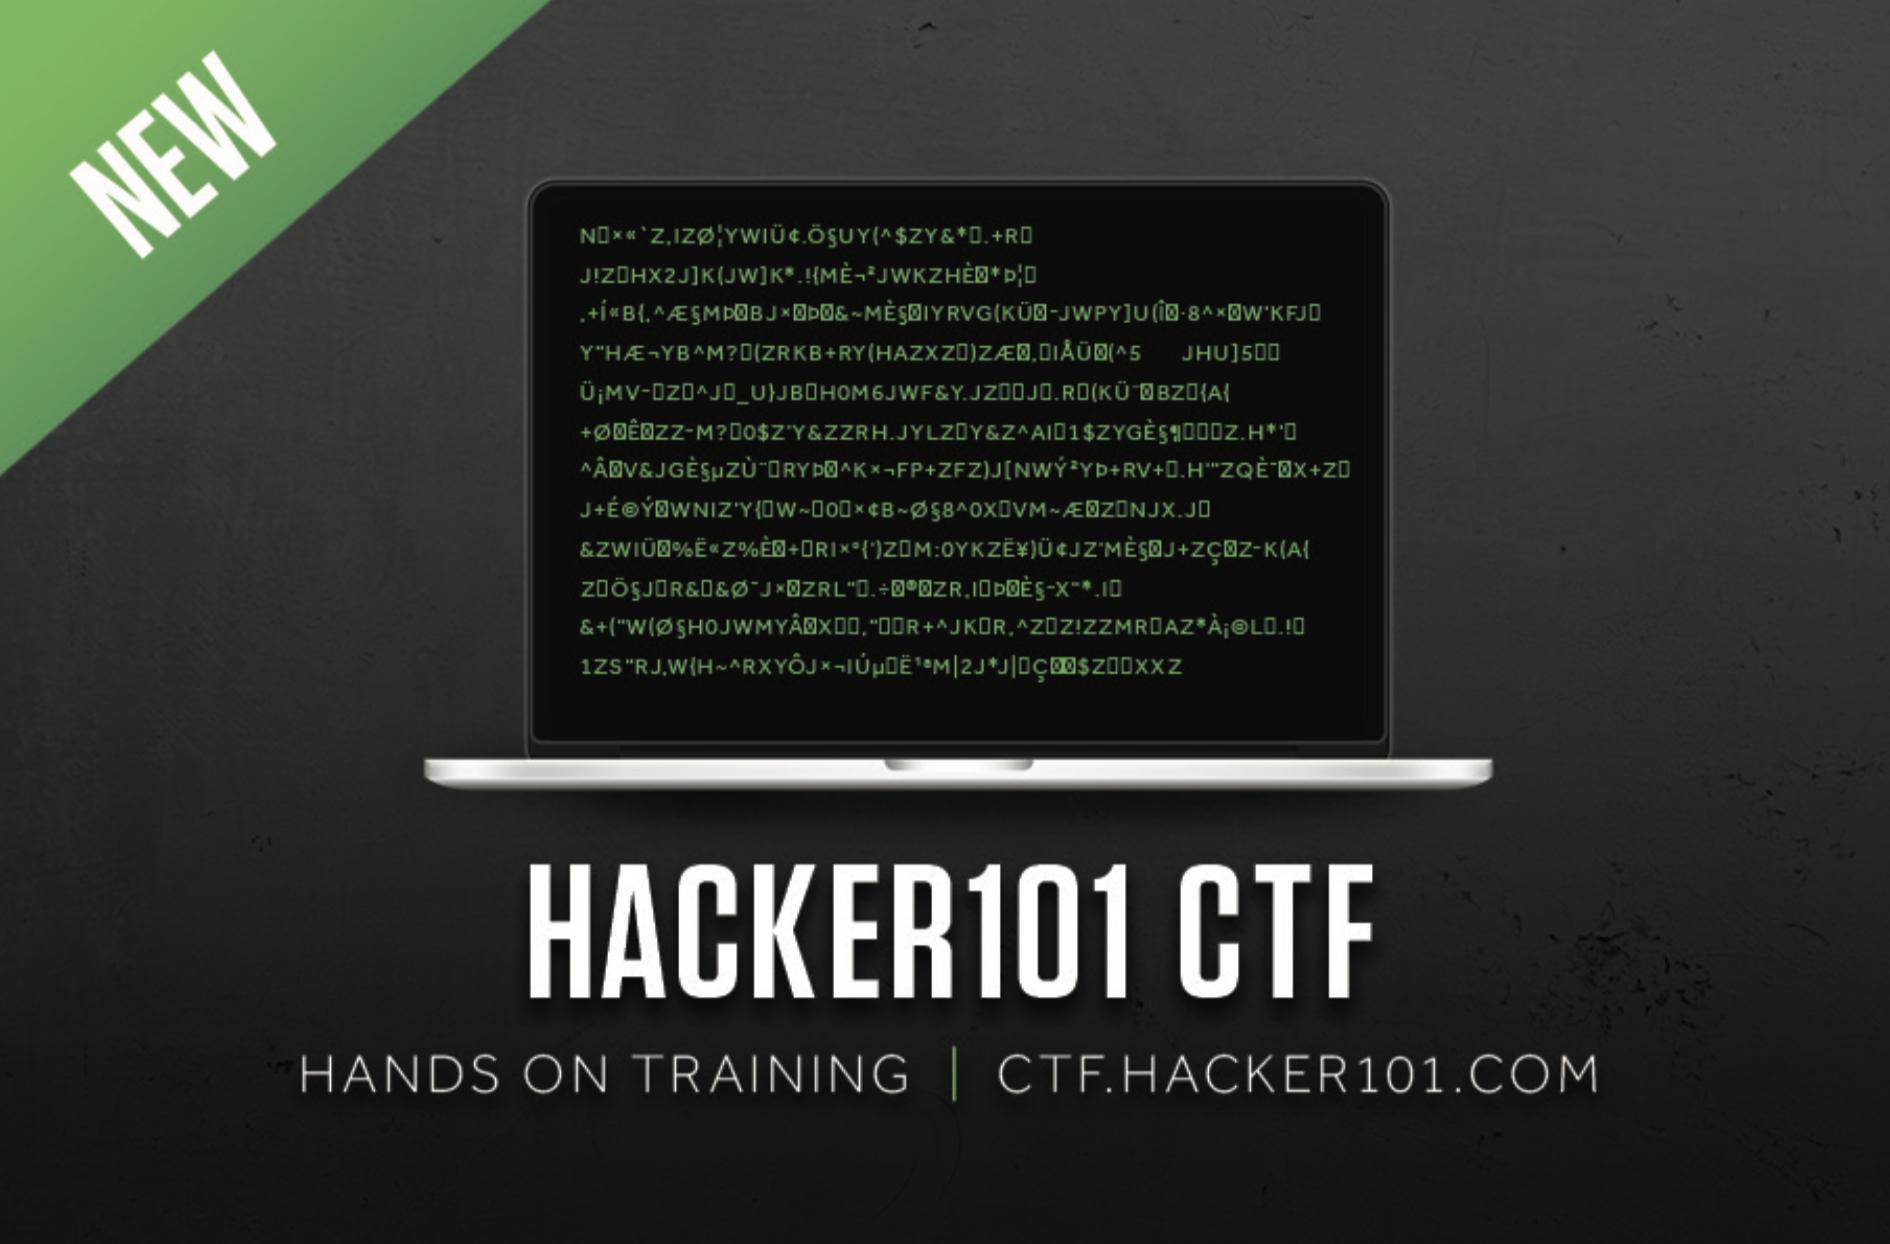 Introducing the Hacker101 CTF   HackerOne